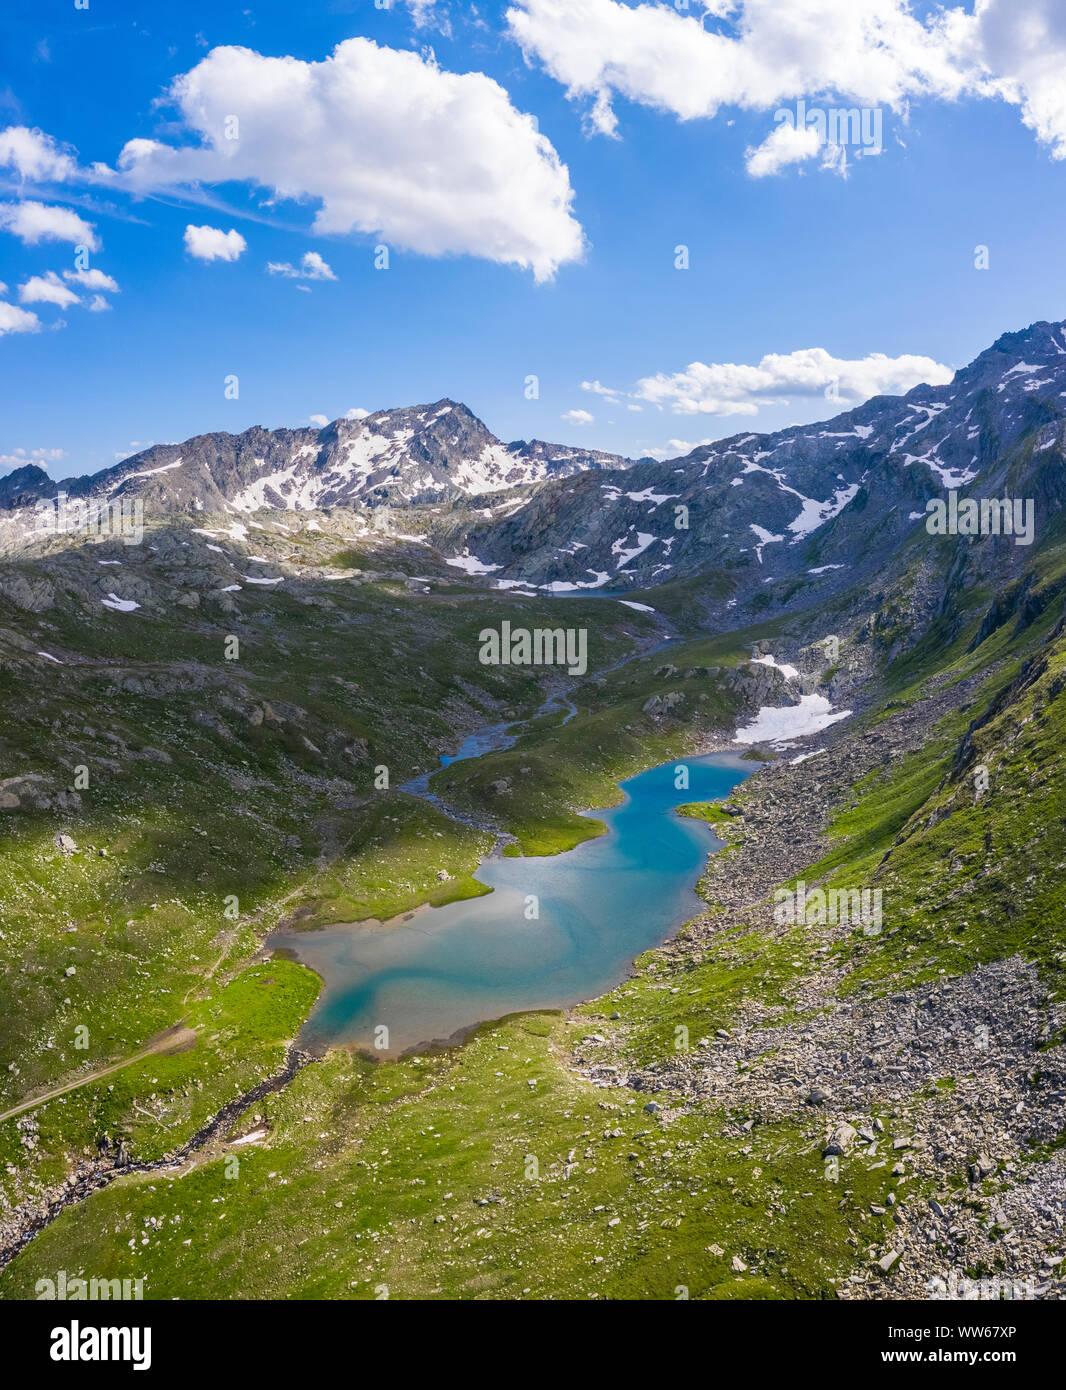 Vista aérea de los lagos que rodean Naret, en particular el Lago del Corbo en Lavizzara Valley, el valle de Maggia. Foto de stock